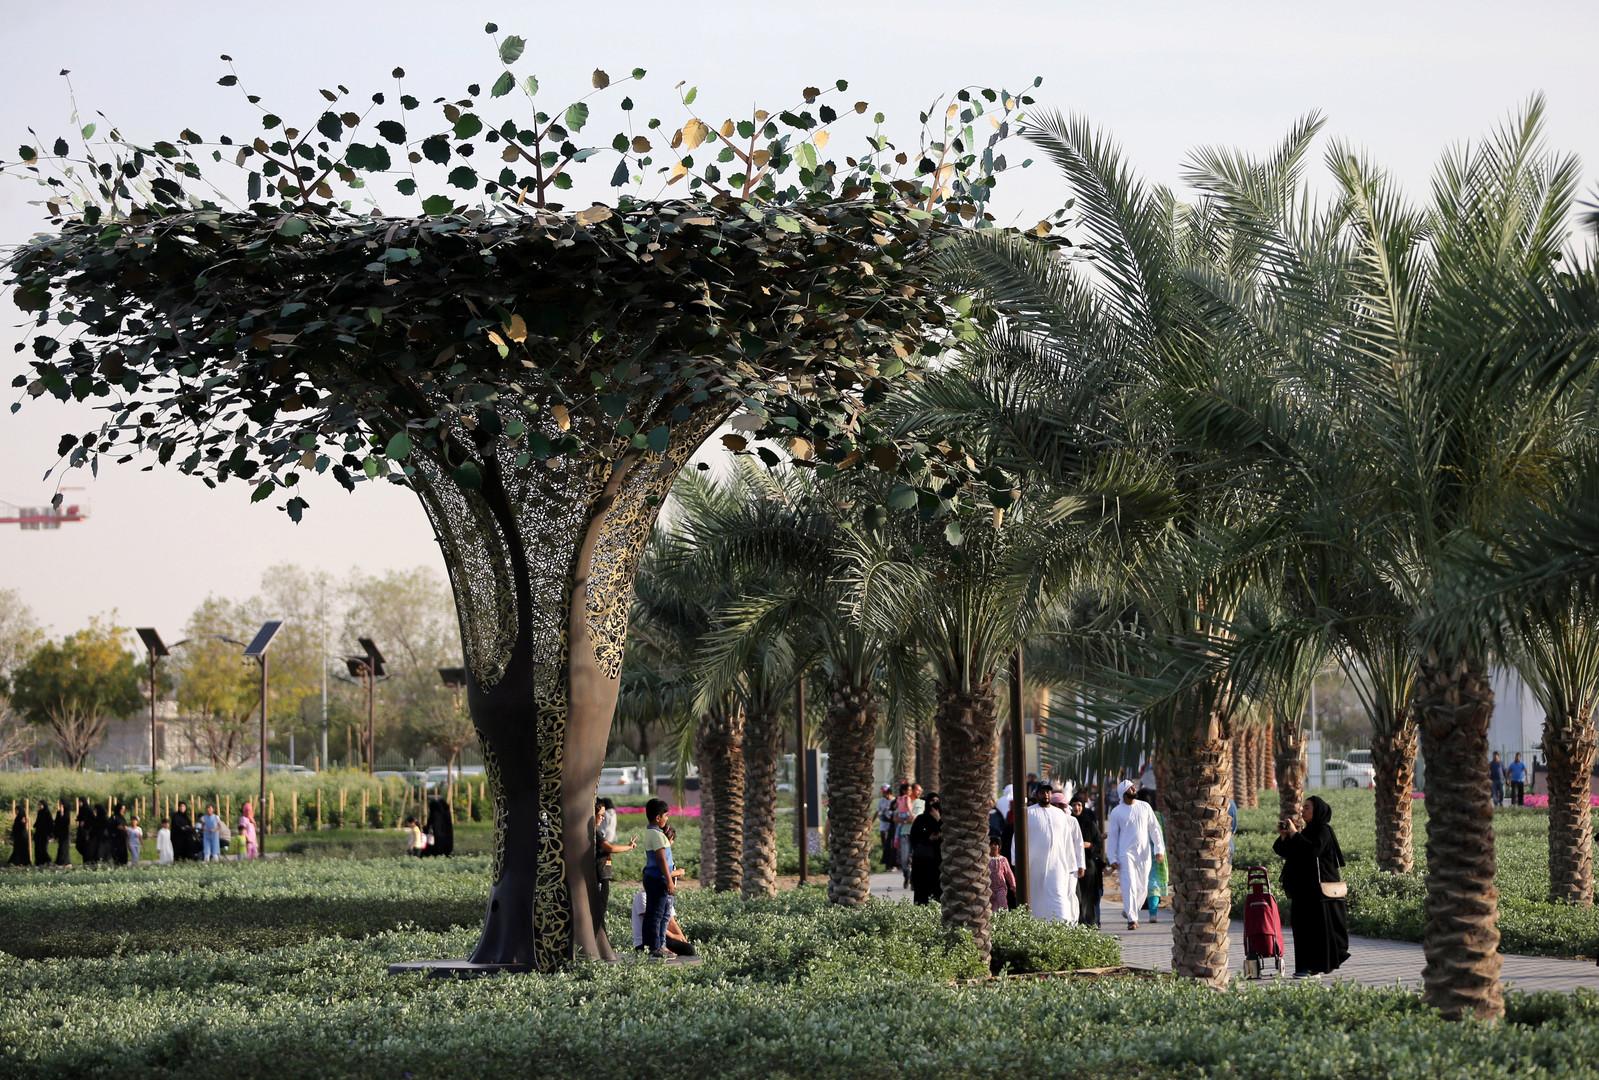 الإمارات تسعى لتكون  أسعد بلدان العالم  بحلول 2031  -